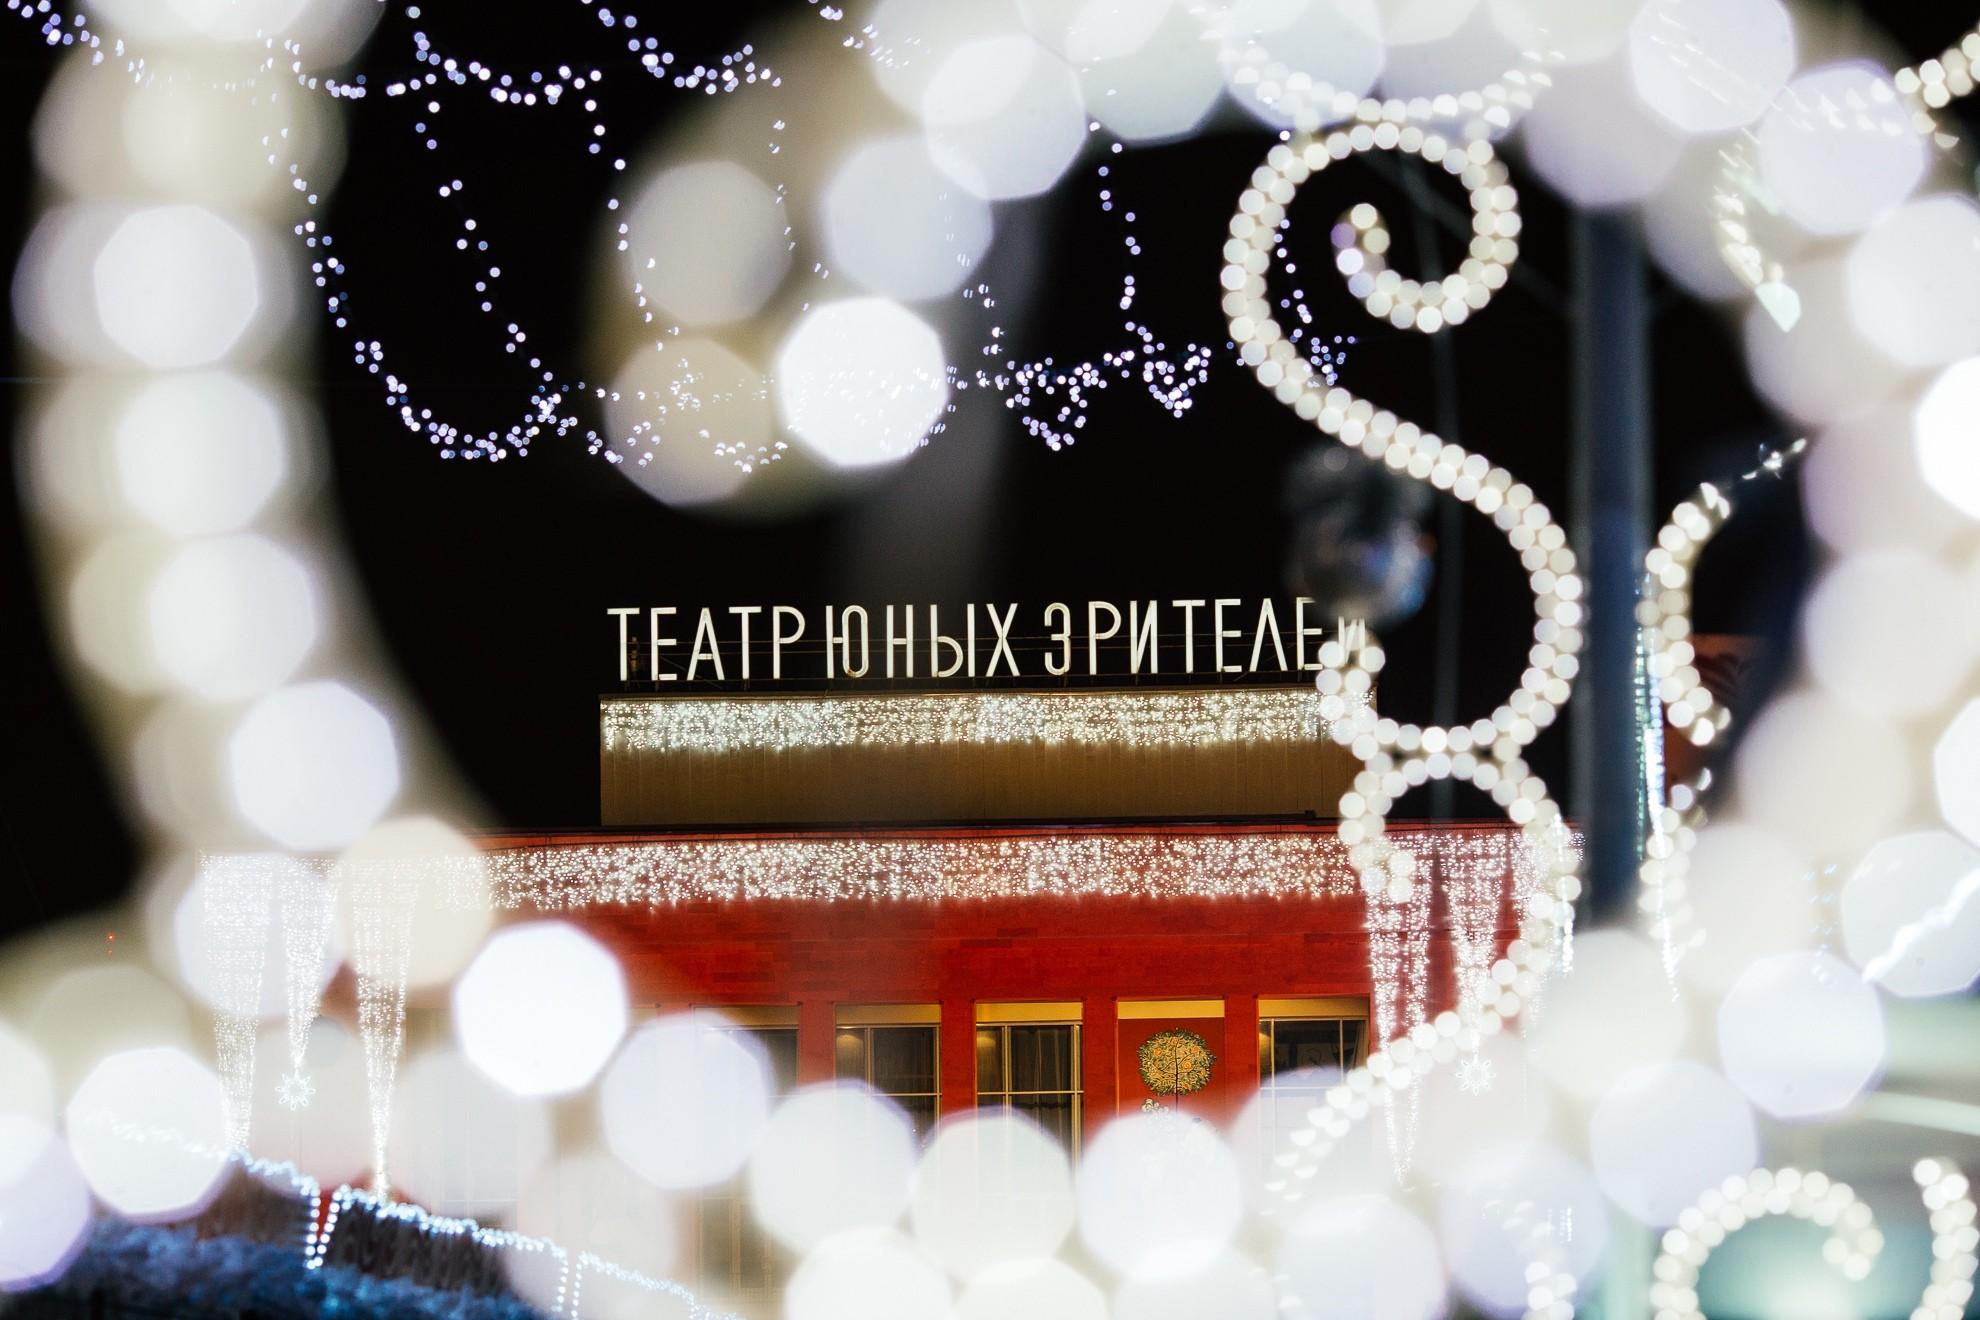 ТЮЗ, зима, новогодние украшения